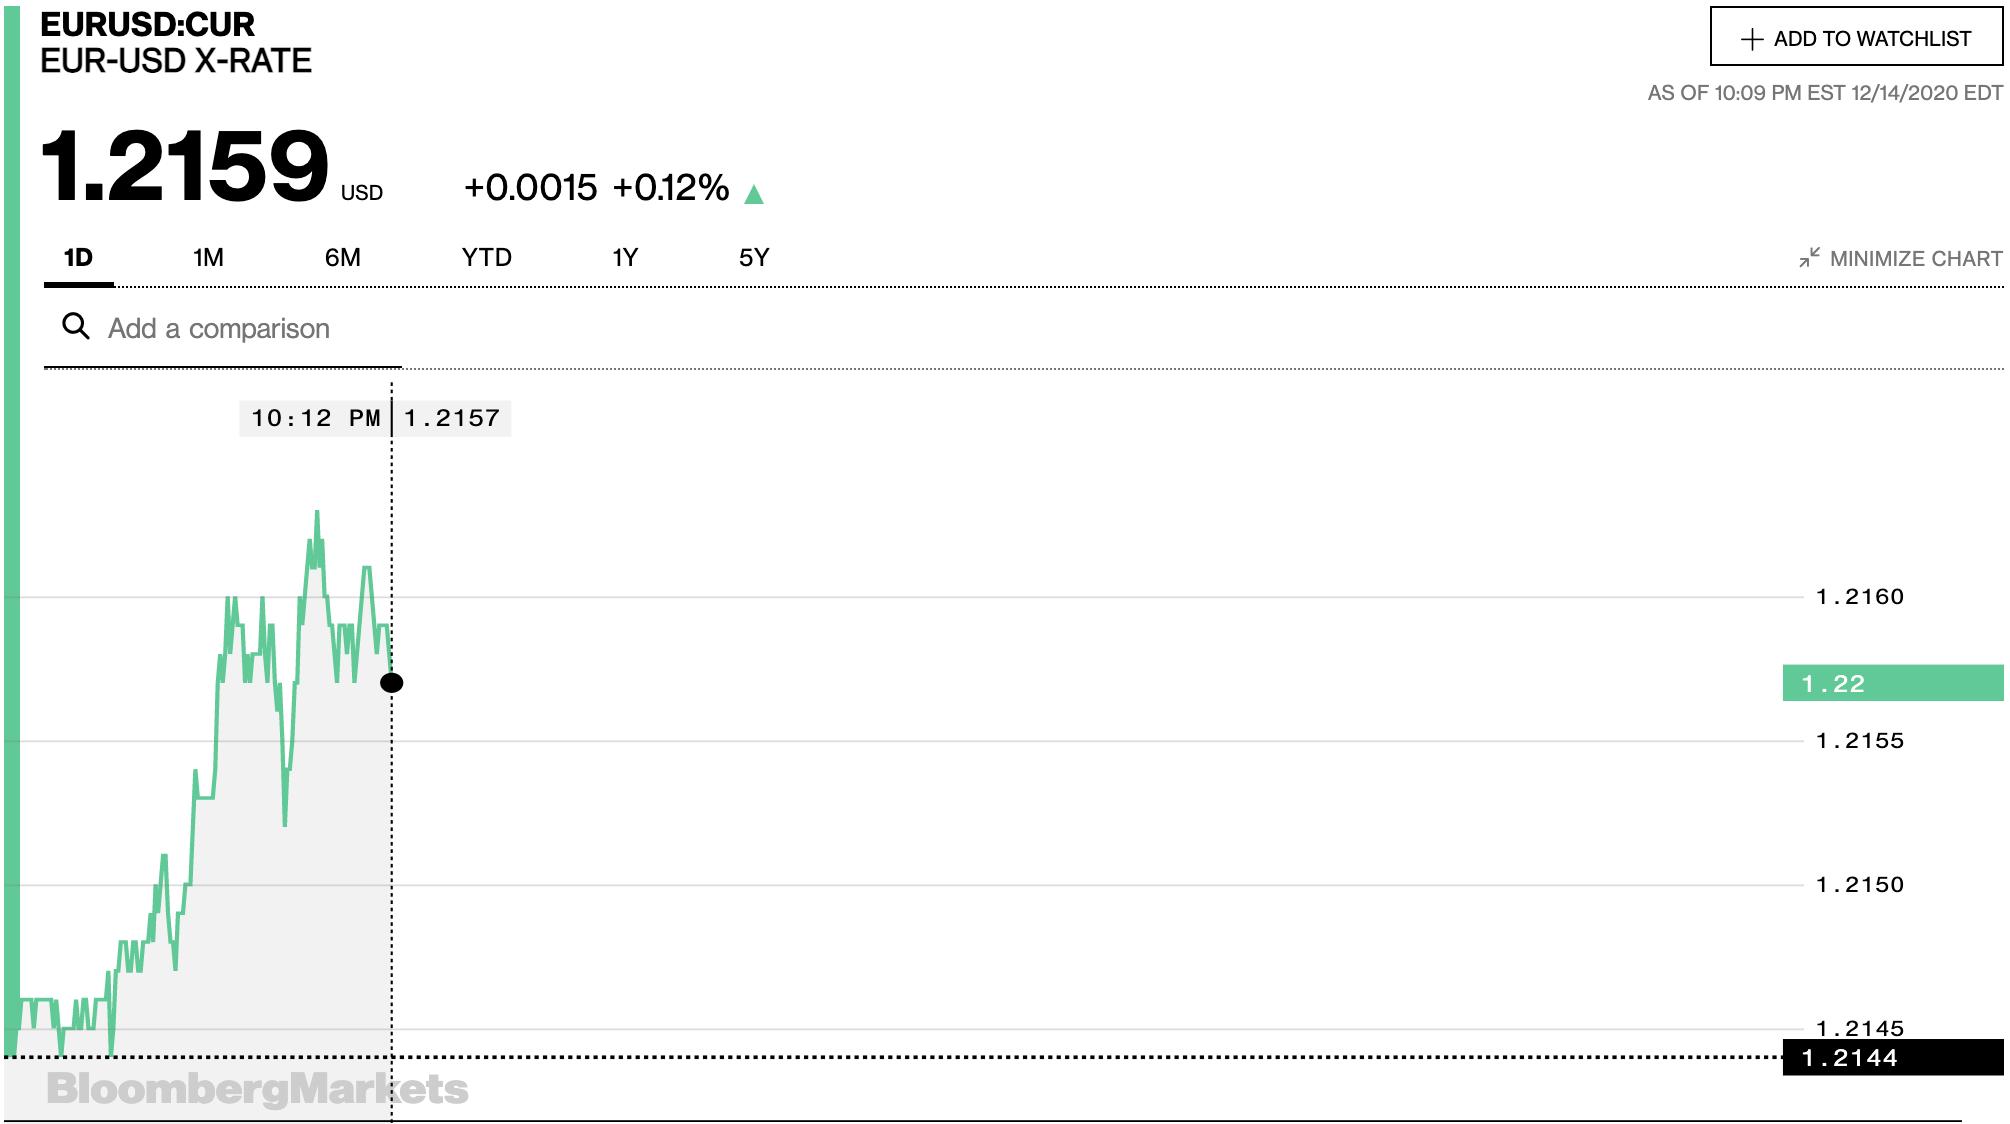 Tỷ giá euro hôm nay 15/12: Tăng đồng loạt tại các ngân hàng - Ảnh 2.